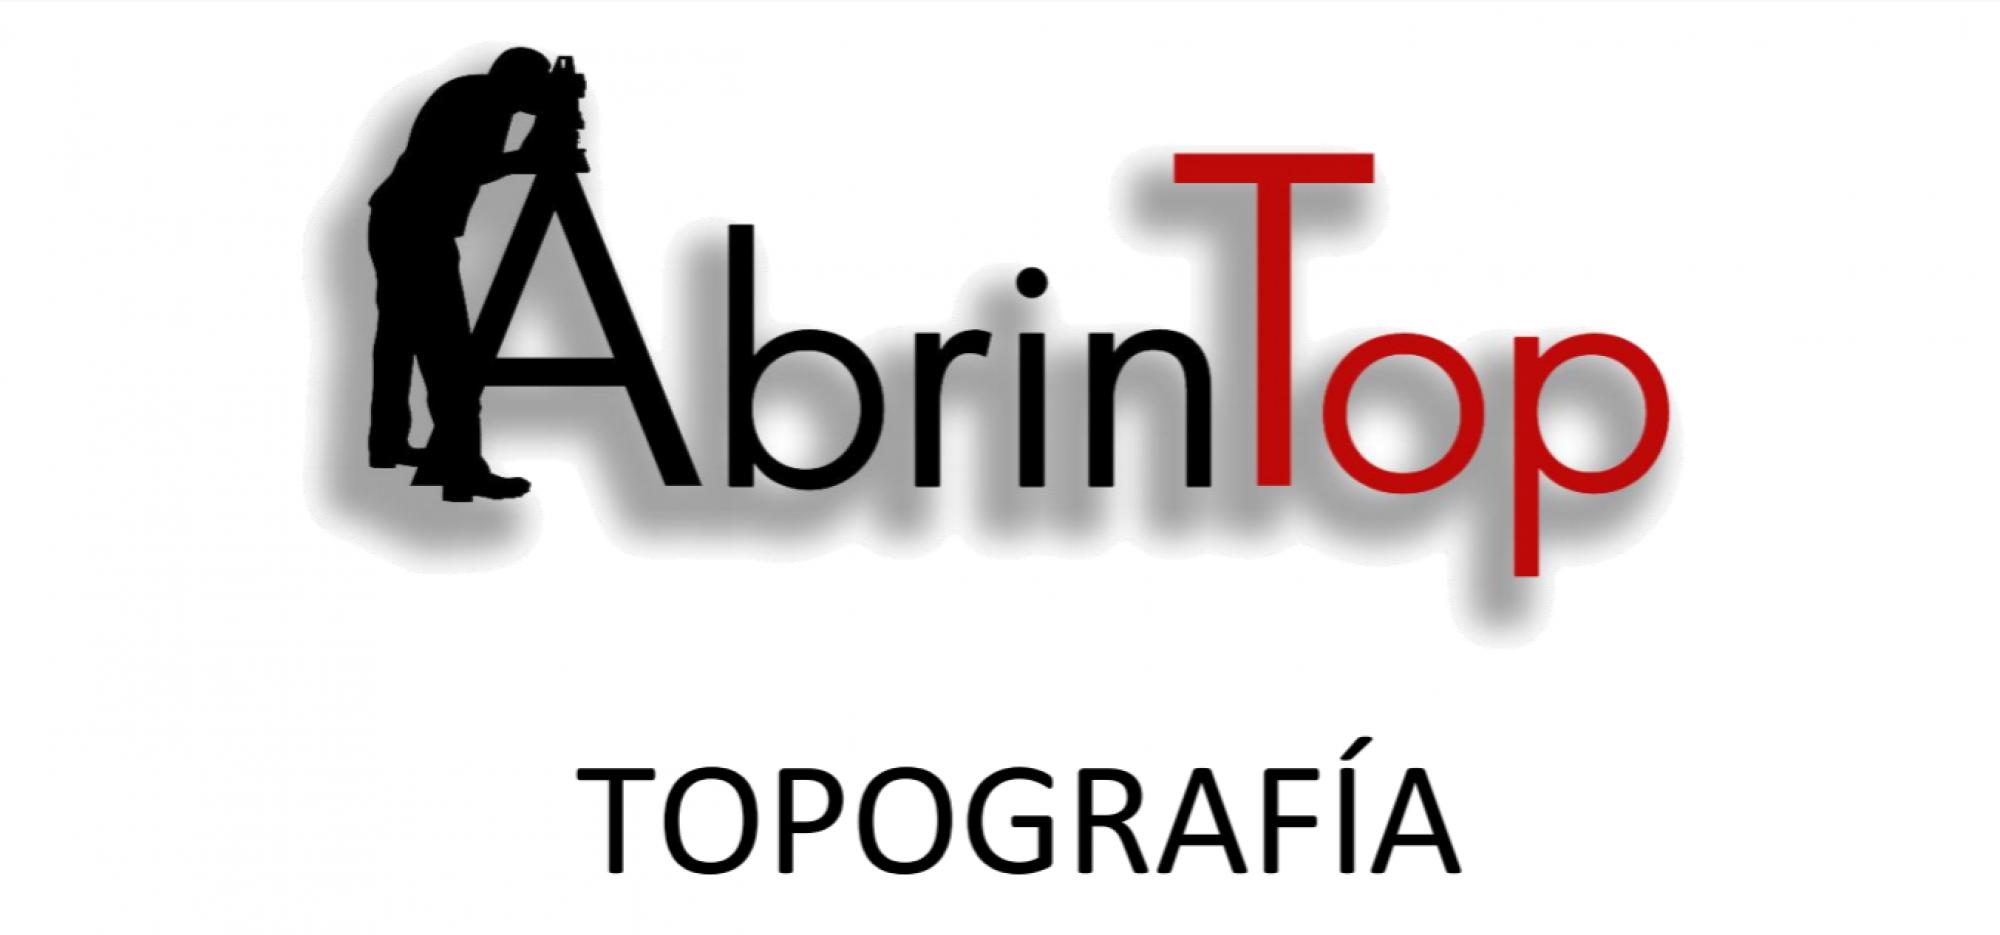 Servicios de topografía - Abrintop